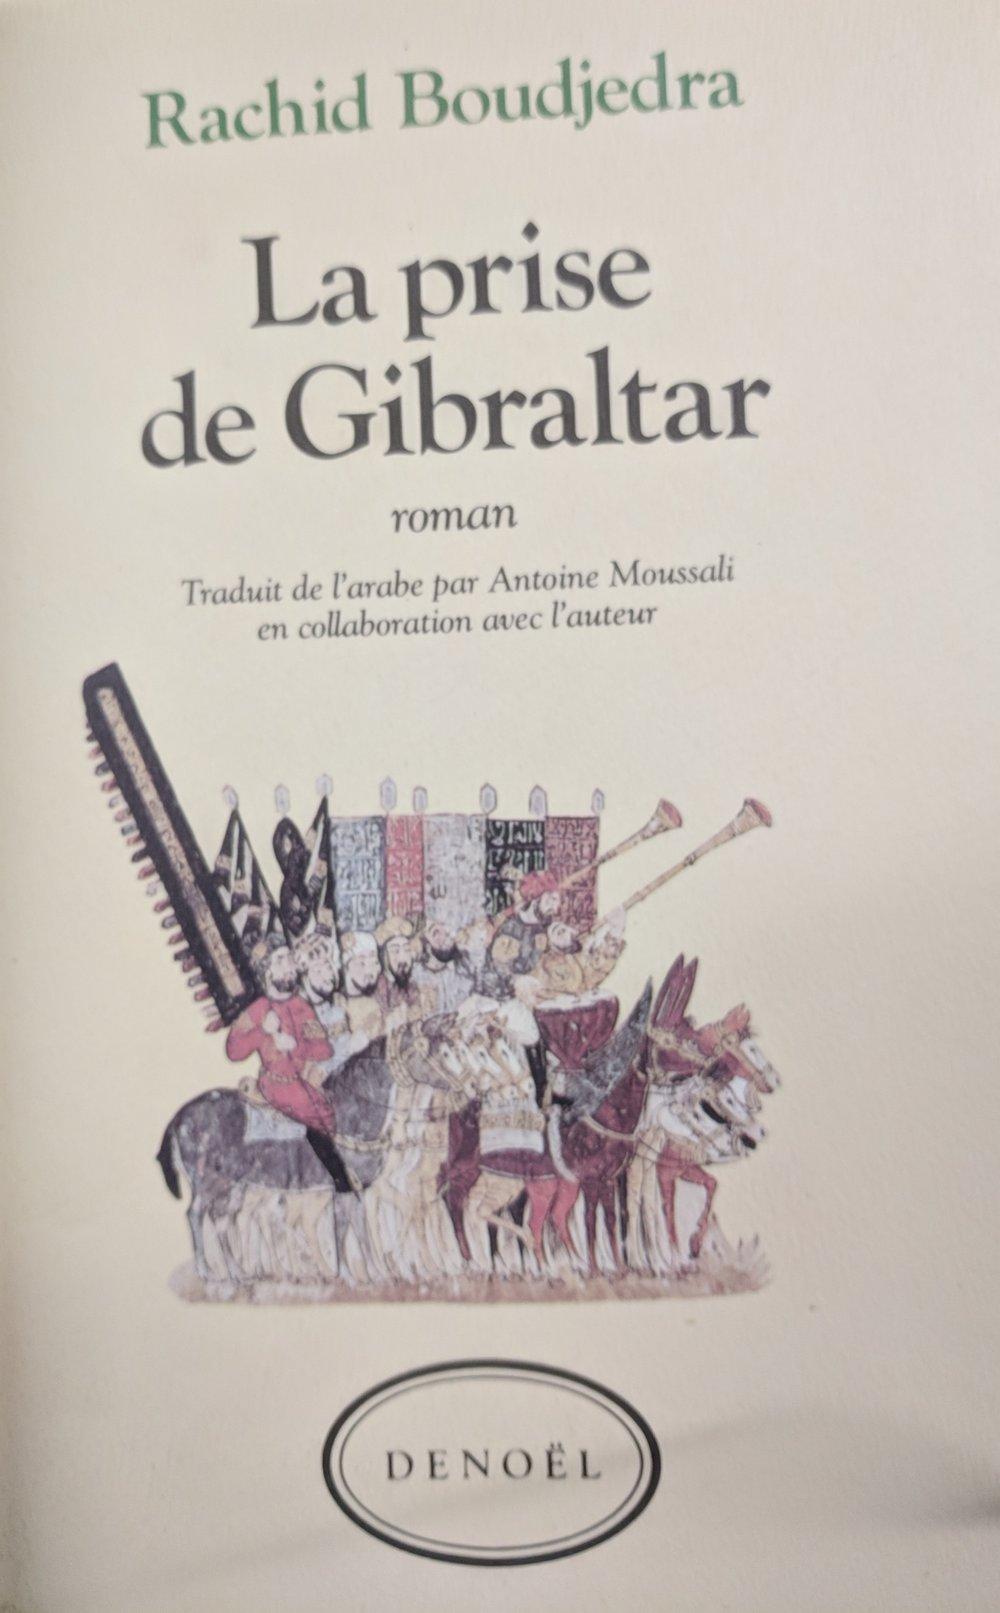 Rachid Boudjedra, traduit de l'arabe par Antoine Moussali en collaboration avec l'auteur (Paris: Denoël, 1987)